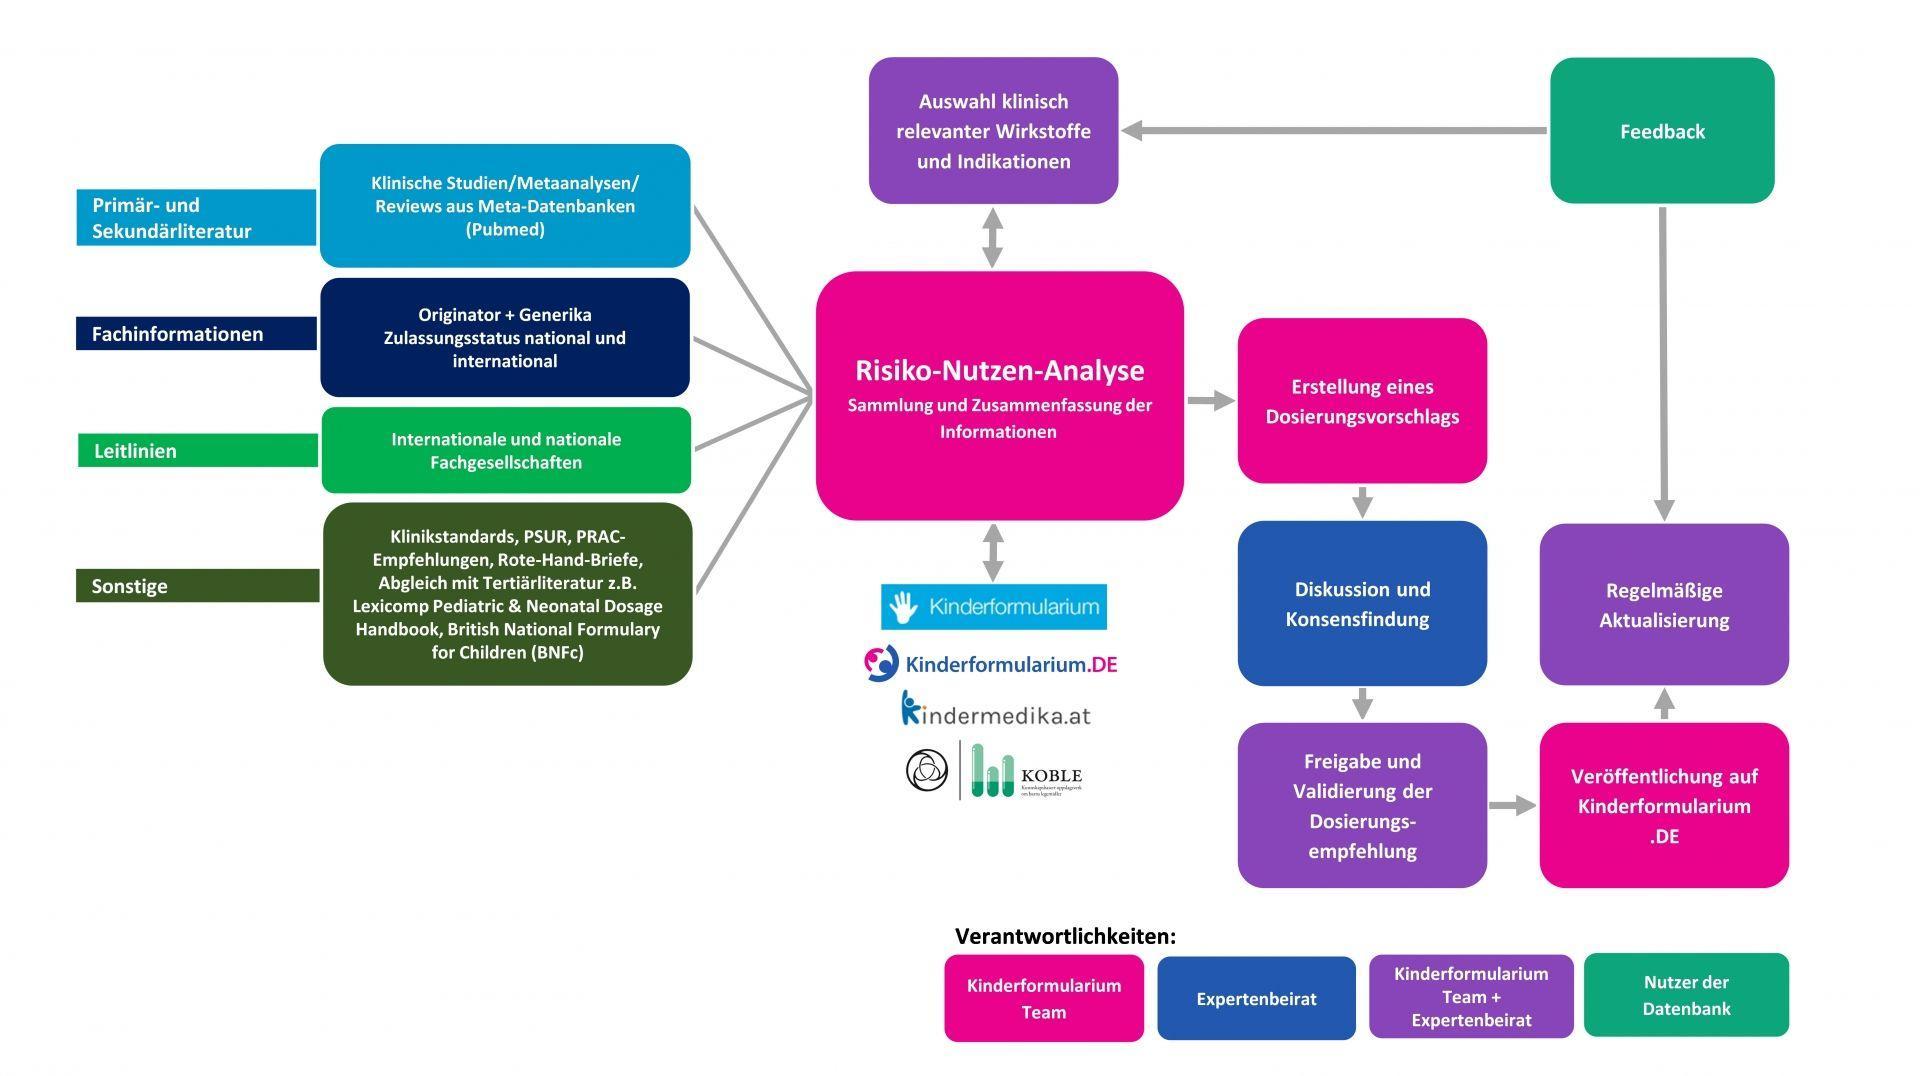 Flowchart zur Erstellung der Dosierungsempfehlungen